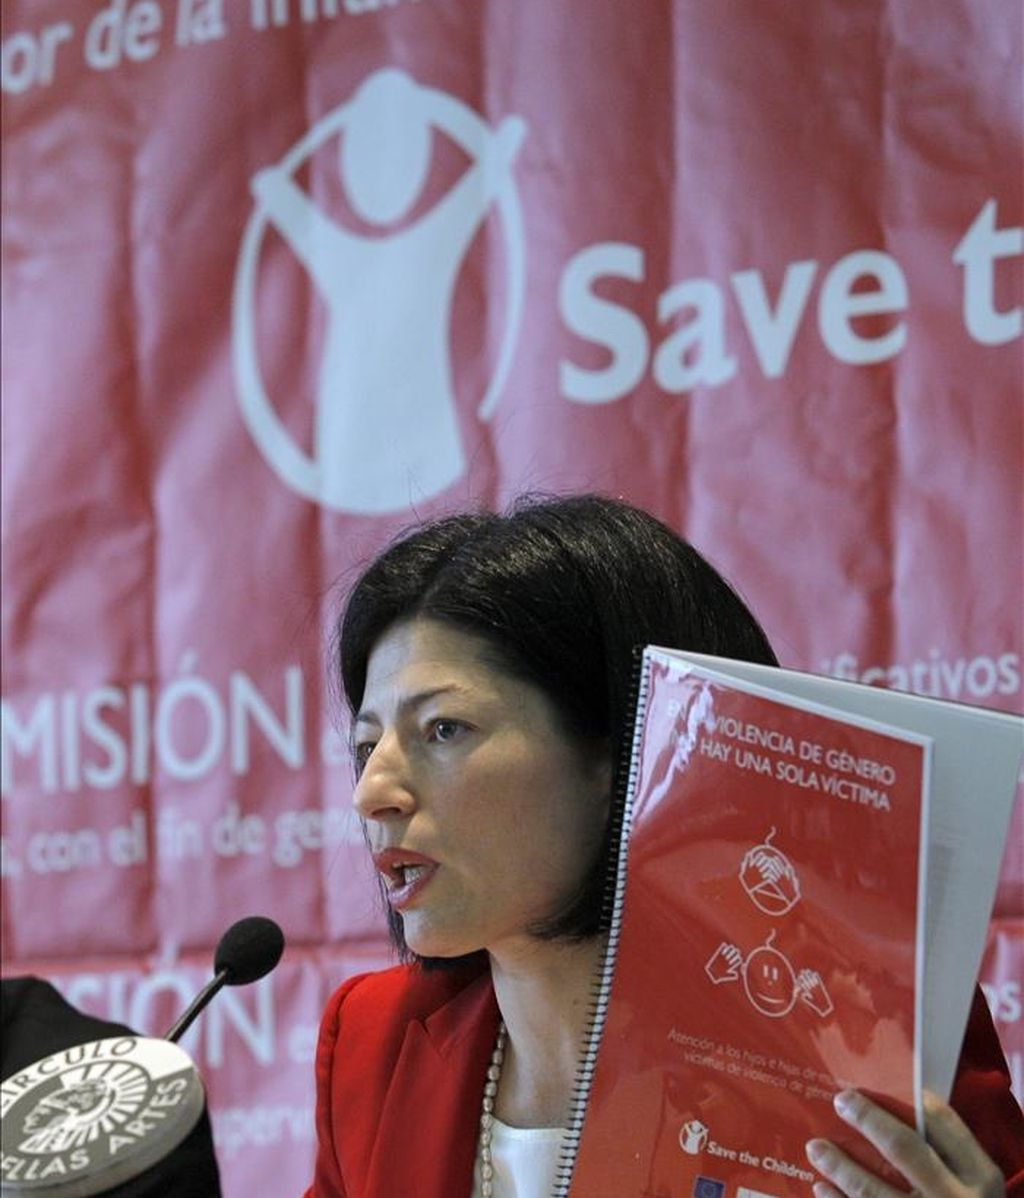 Yolanda Román, responsable de Advocacy y Campañas Save the Children, durante la presentación de un informe. EFE/Archivo